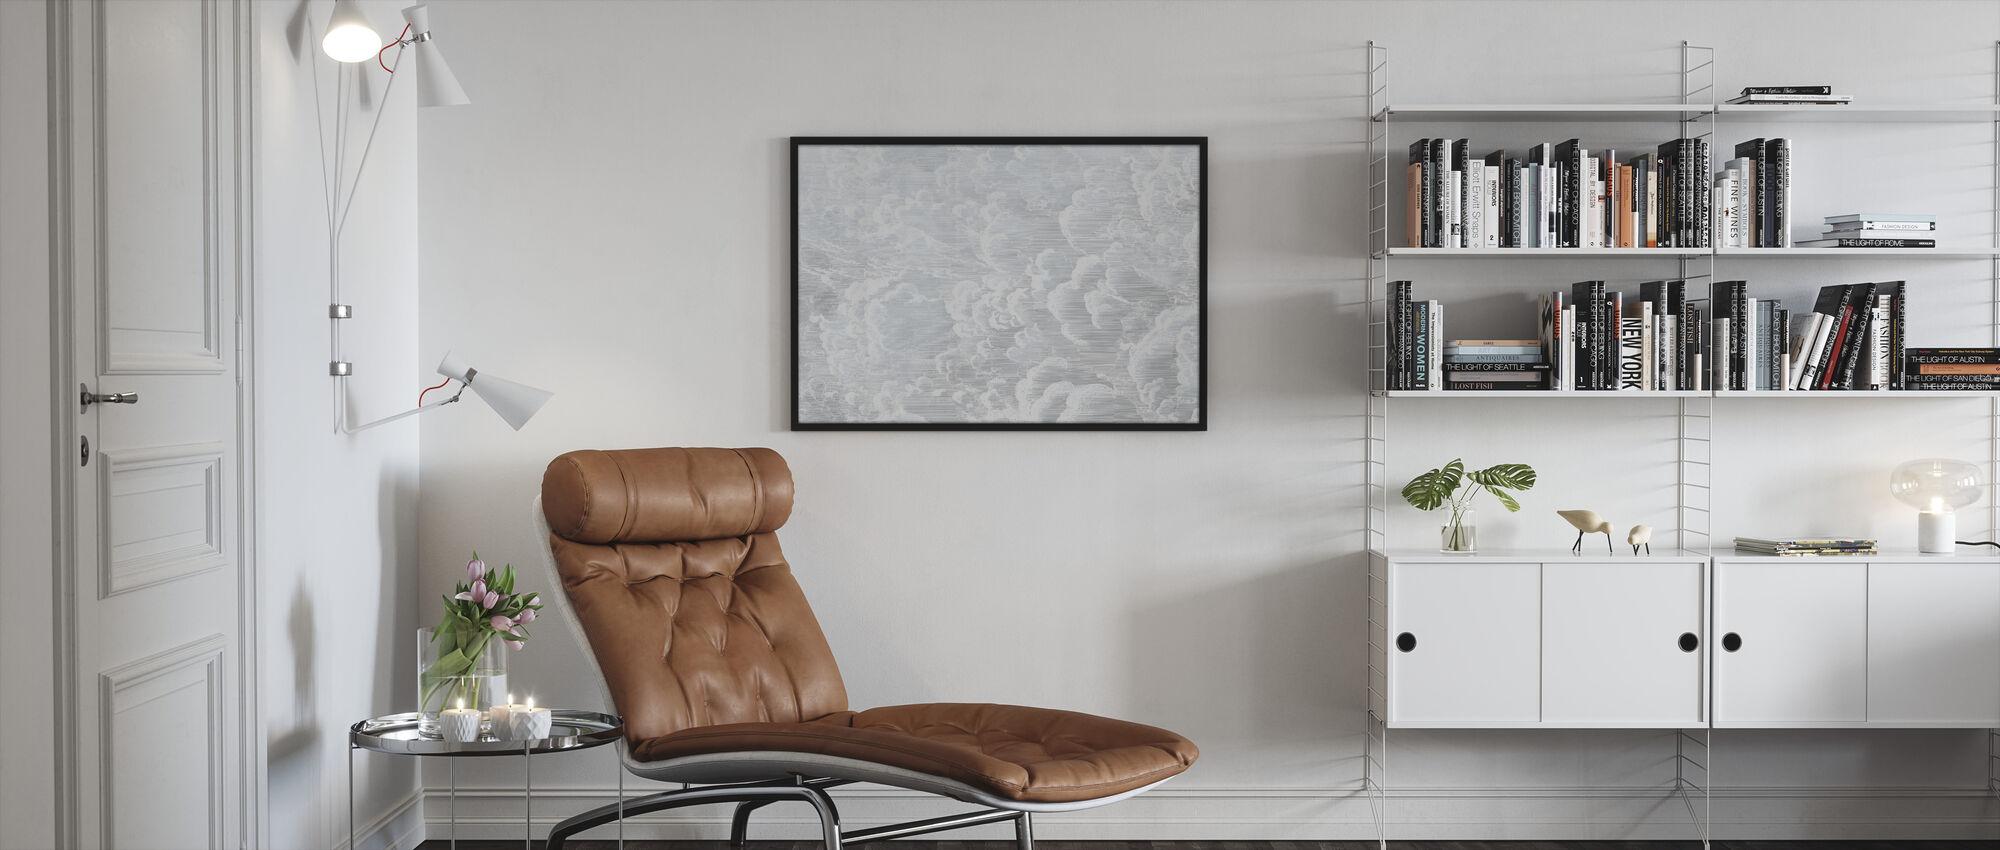 Cradled in Clouds - Framed print - Living Room